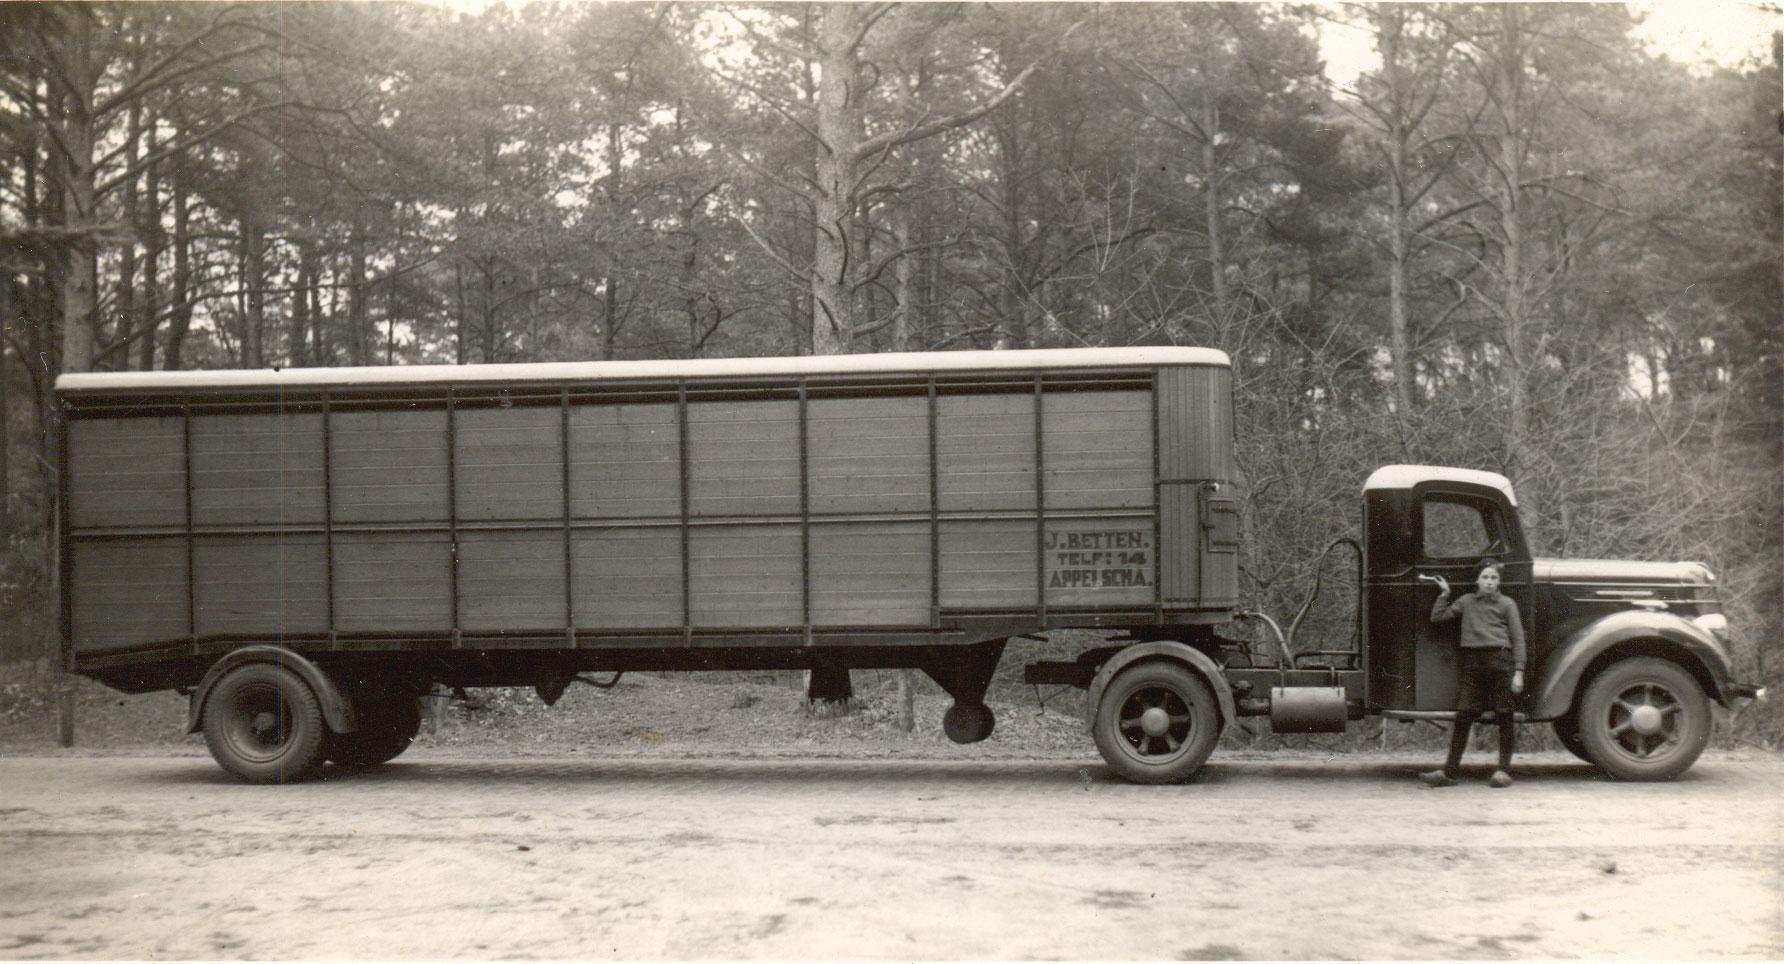 Studebaker-1944-Netam-veetrailer-1939